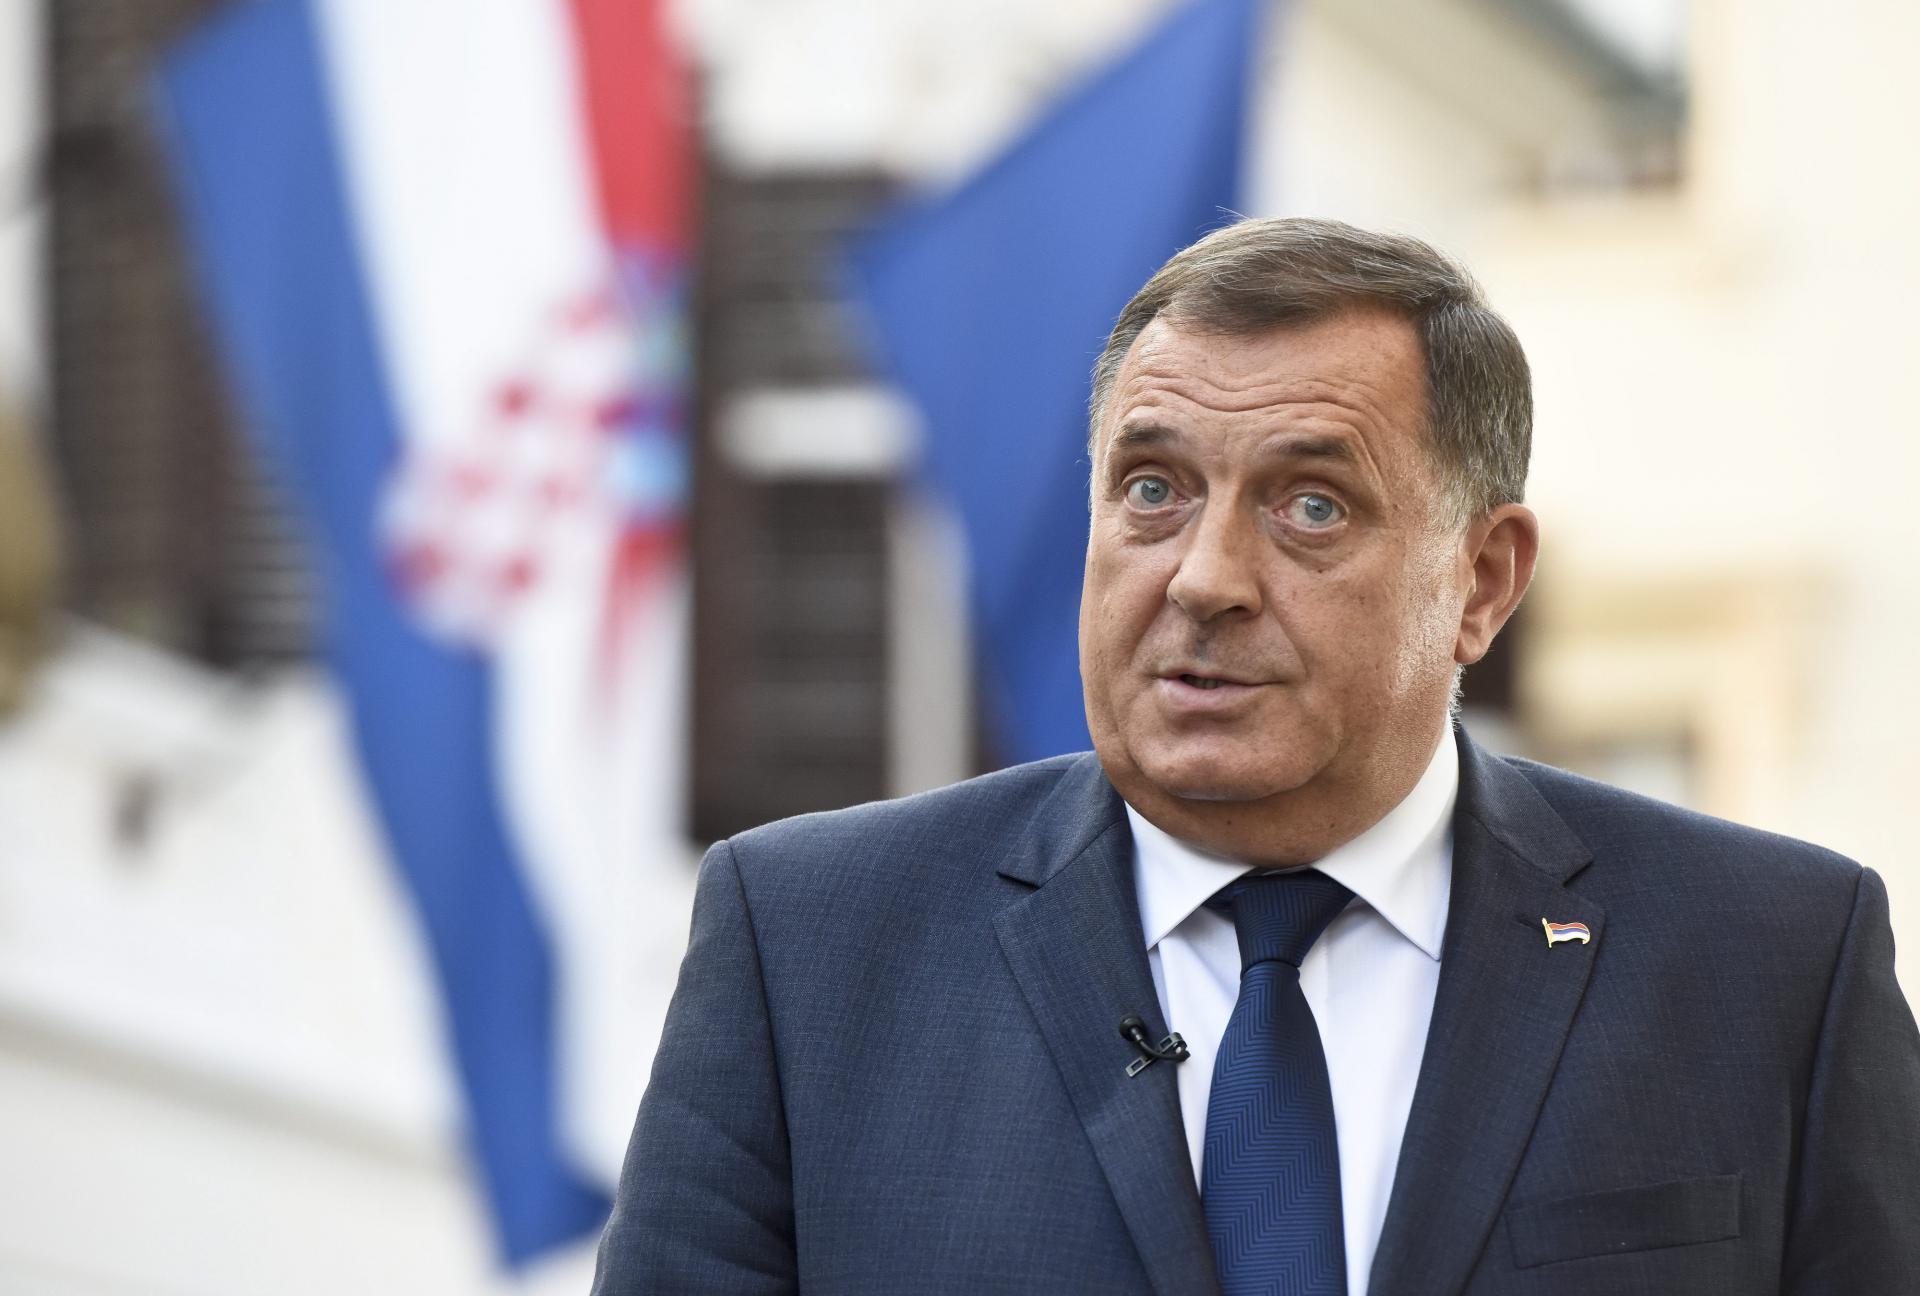 Dodik zaprijetio NATO-u: 'Ako nas napadnu, pozvat ćemo naše prijatelje! Znam da ni jedan Srbin neće prihvatiti da se vojno angažira protiv RS'